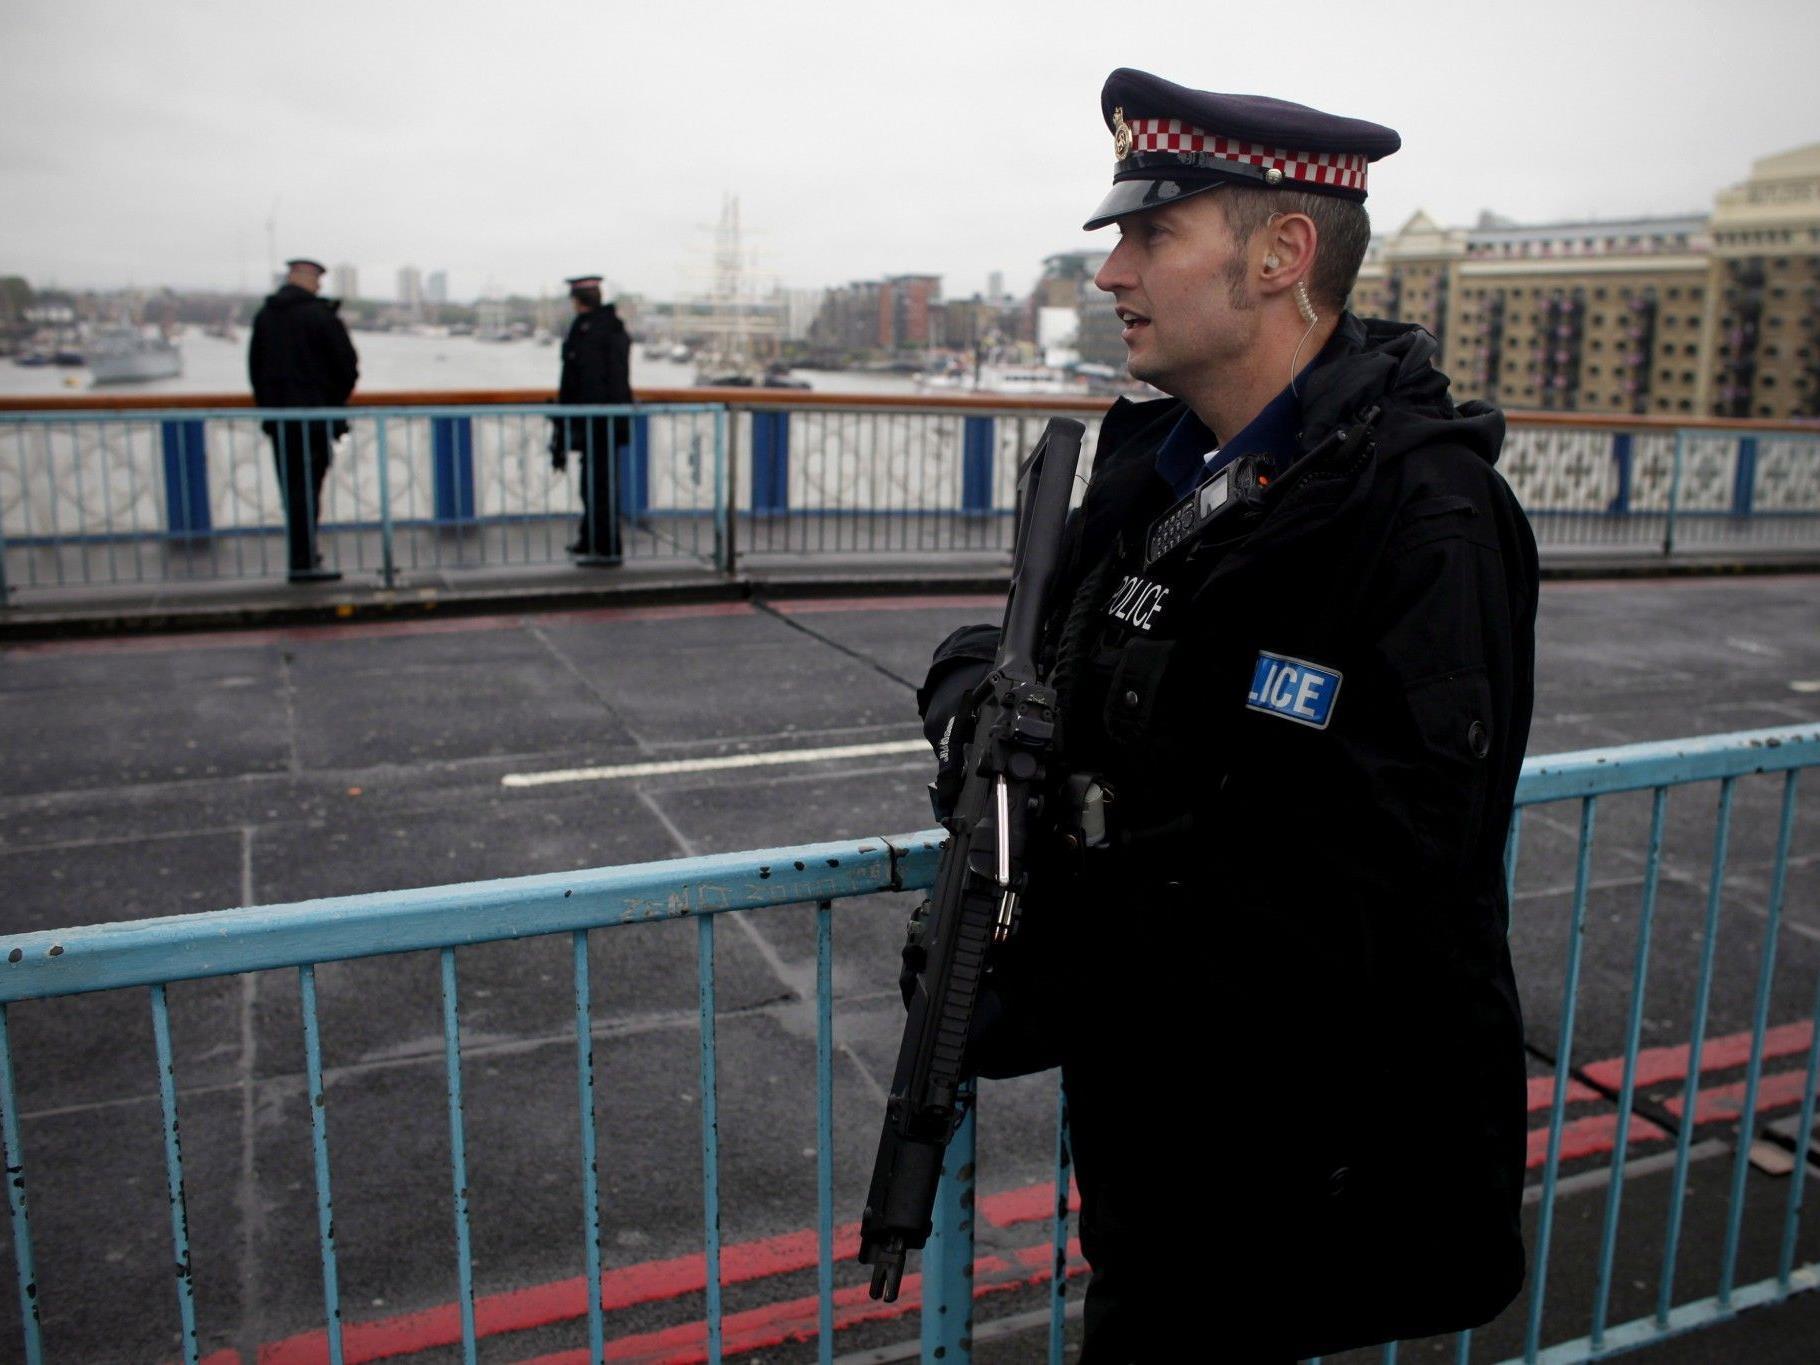 Drei Wochen vor Beginn der Olympischen Spiele wurden in London Terrorverdächtige festgenommen.